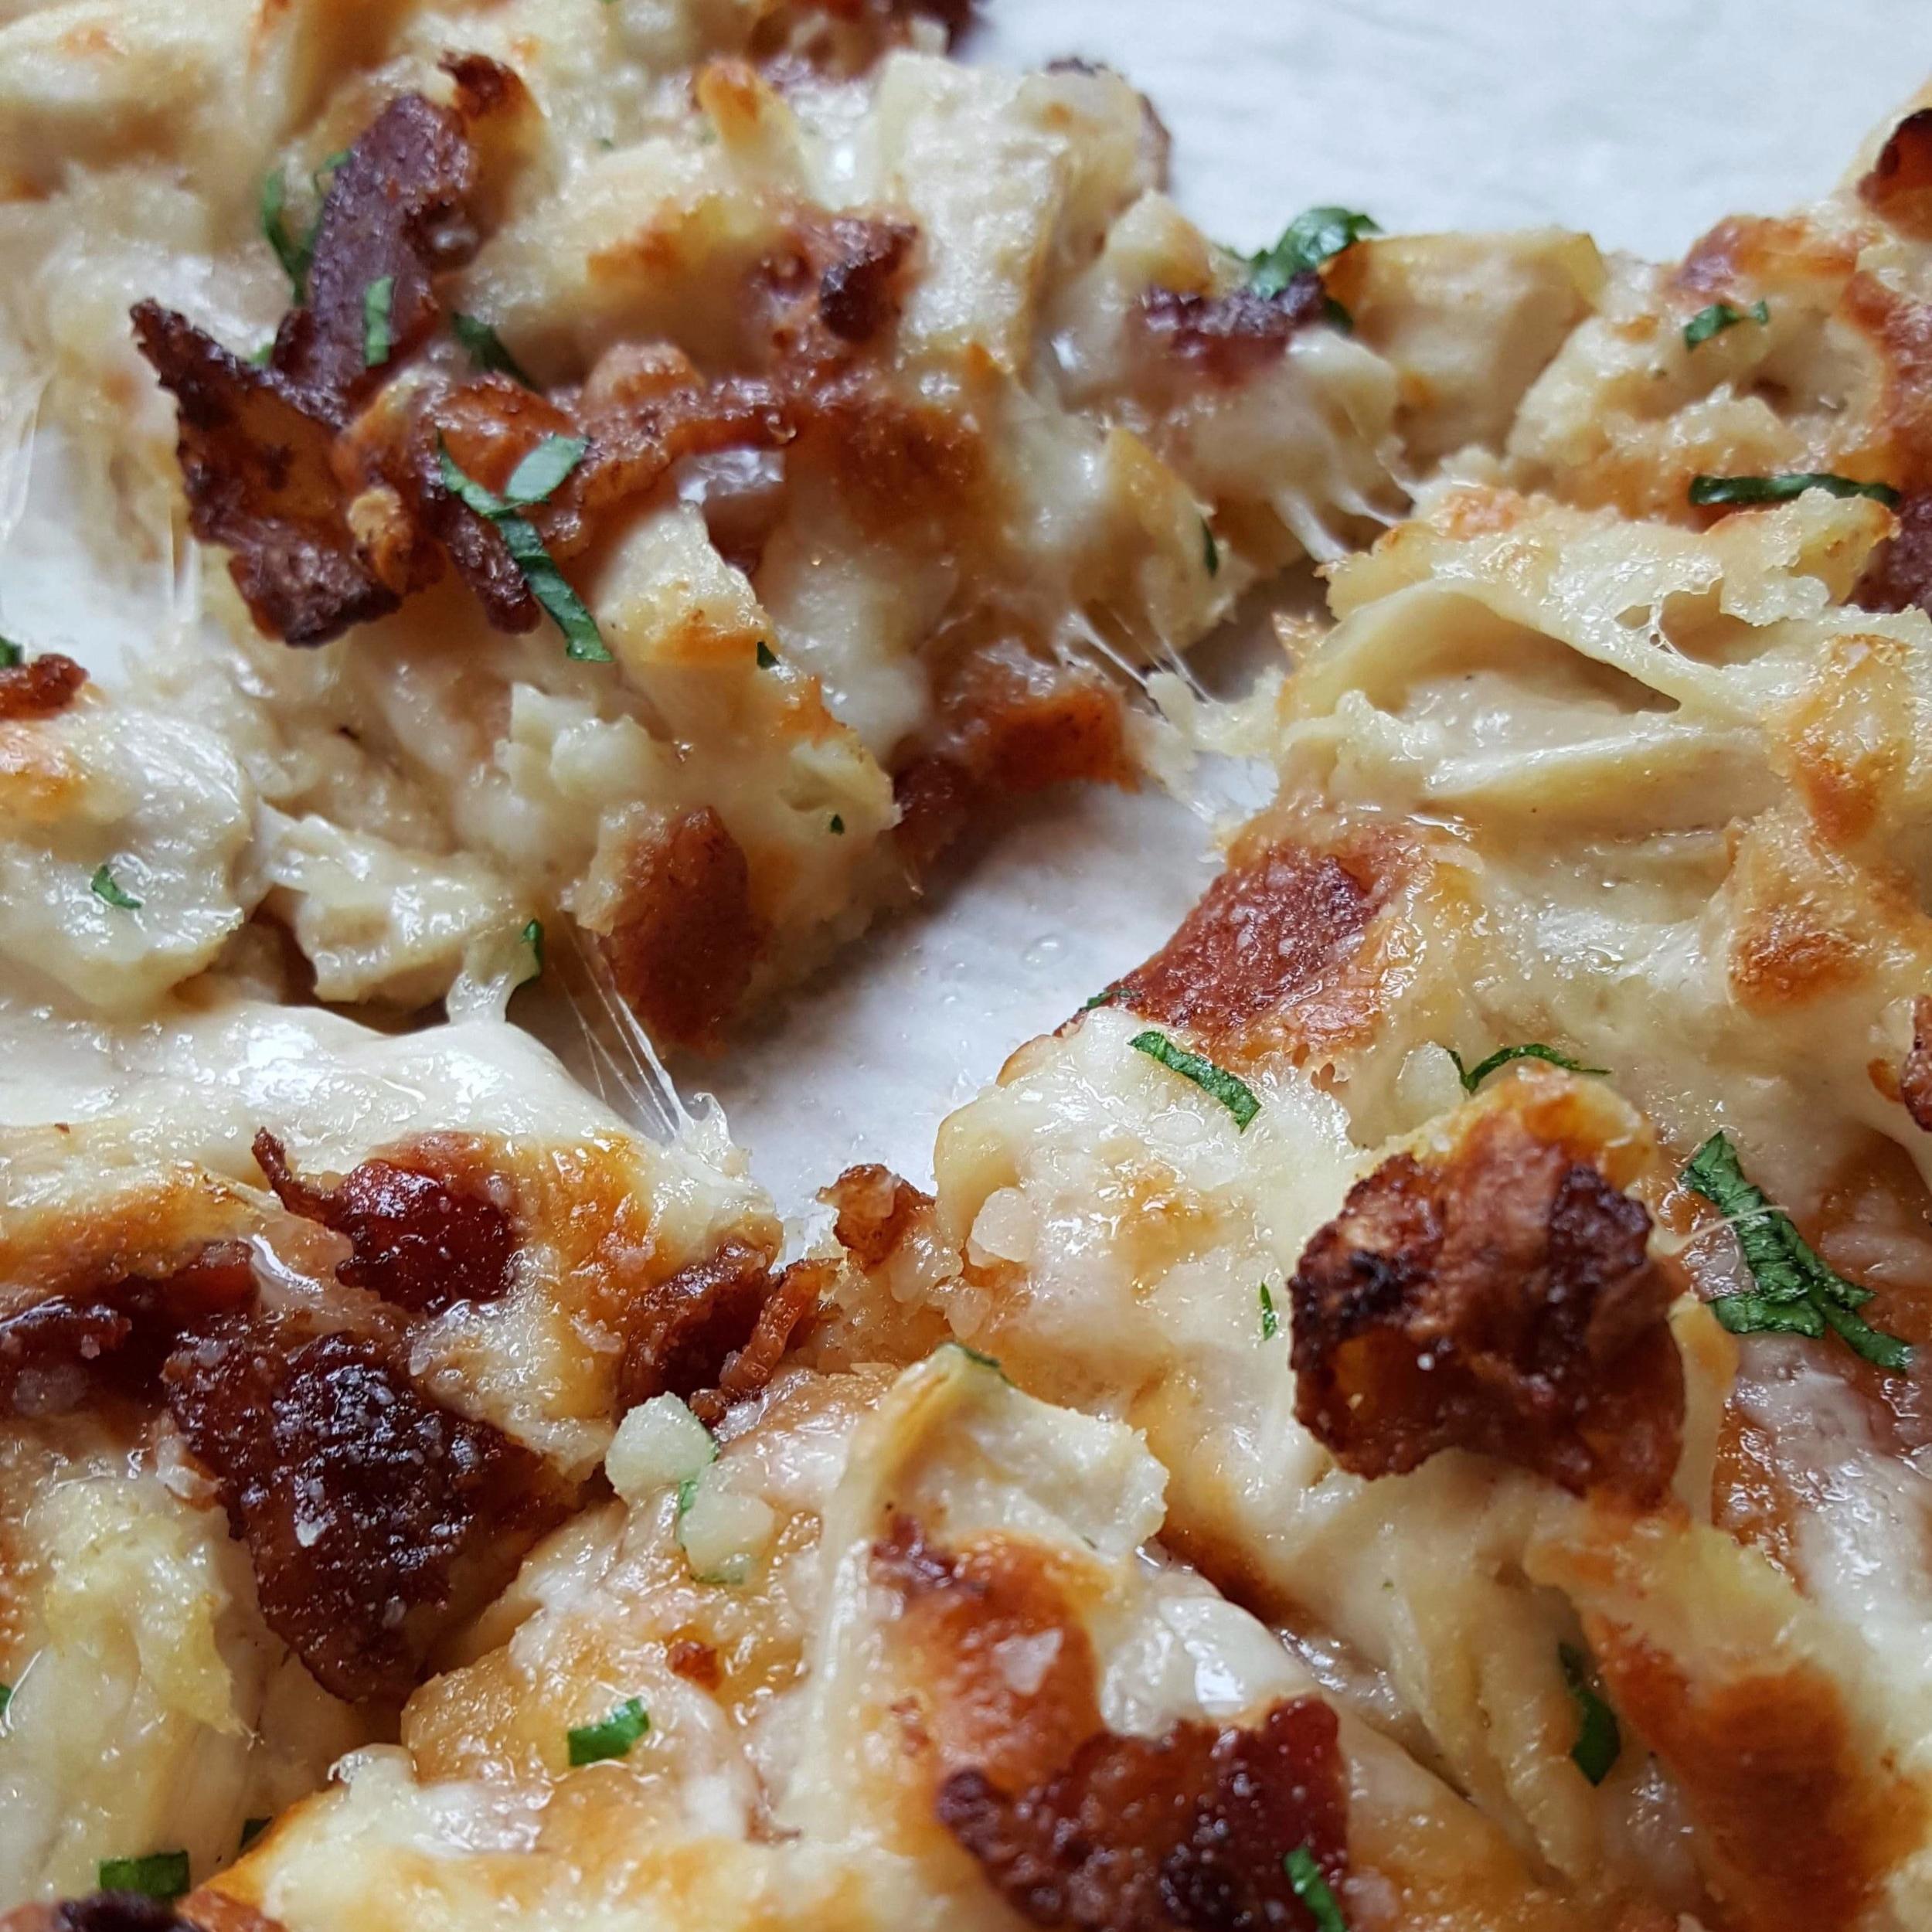 - garlic chicken flatbread